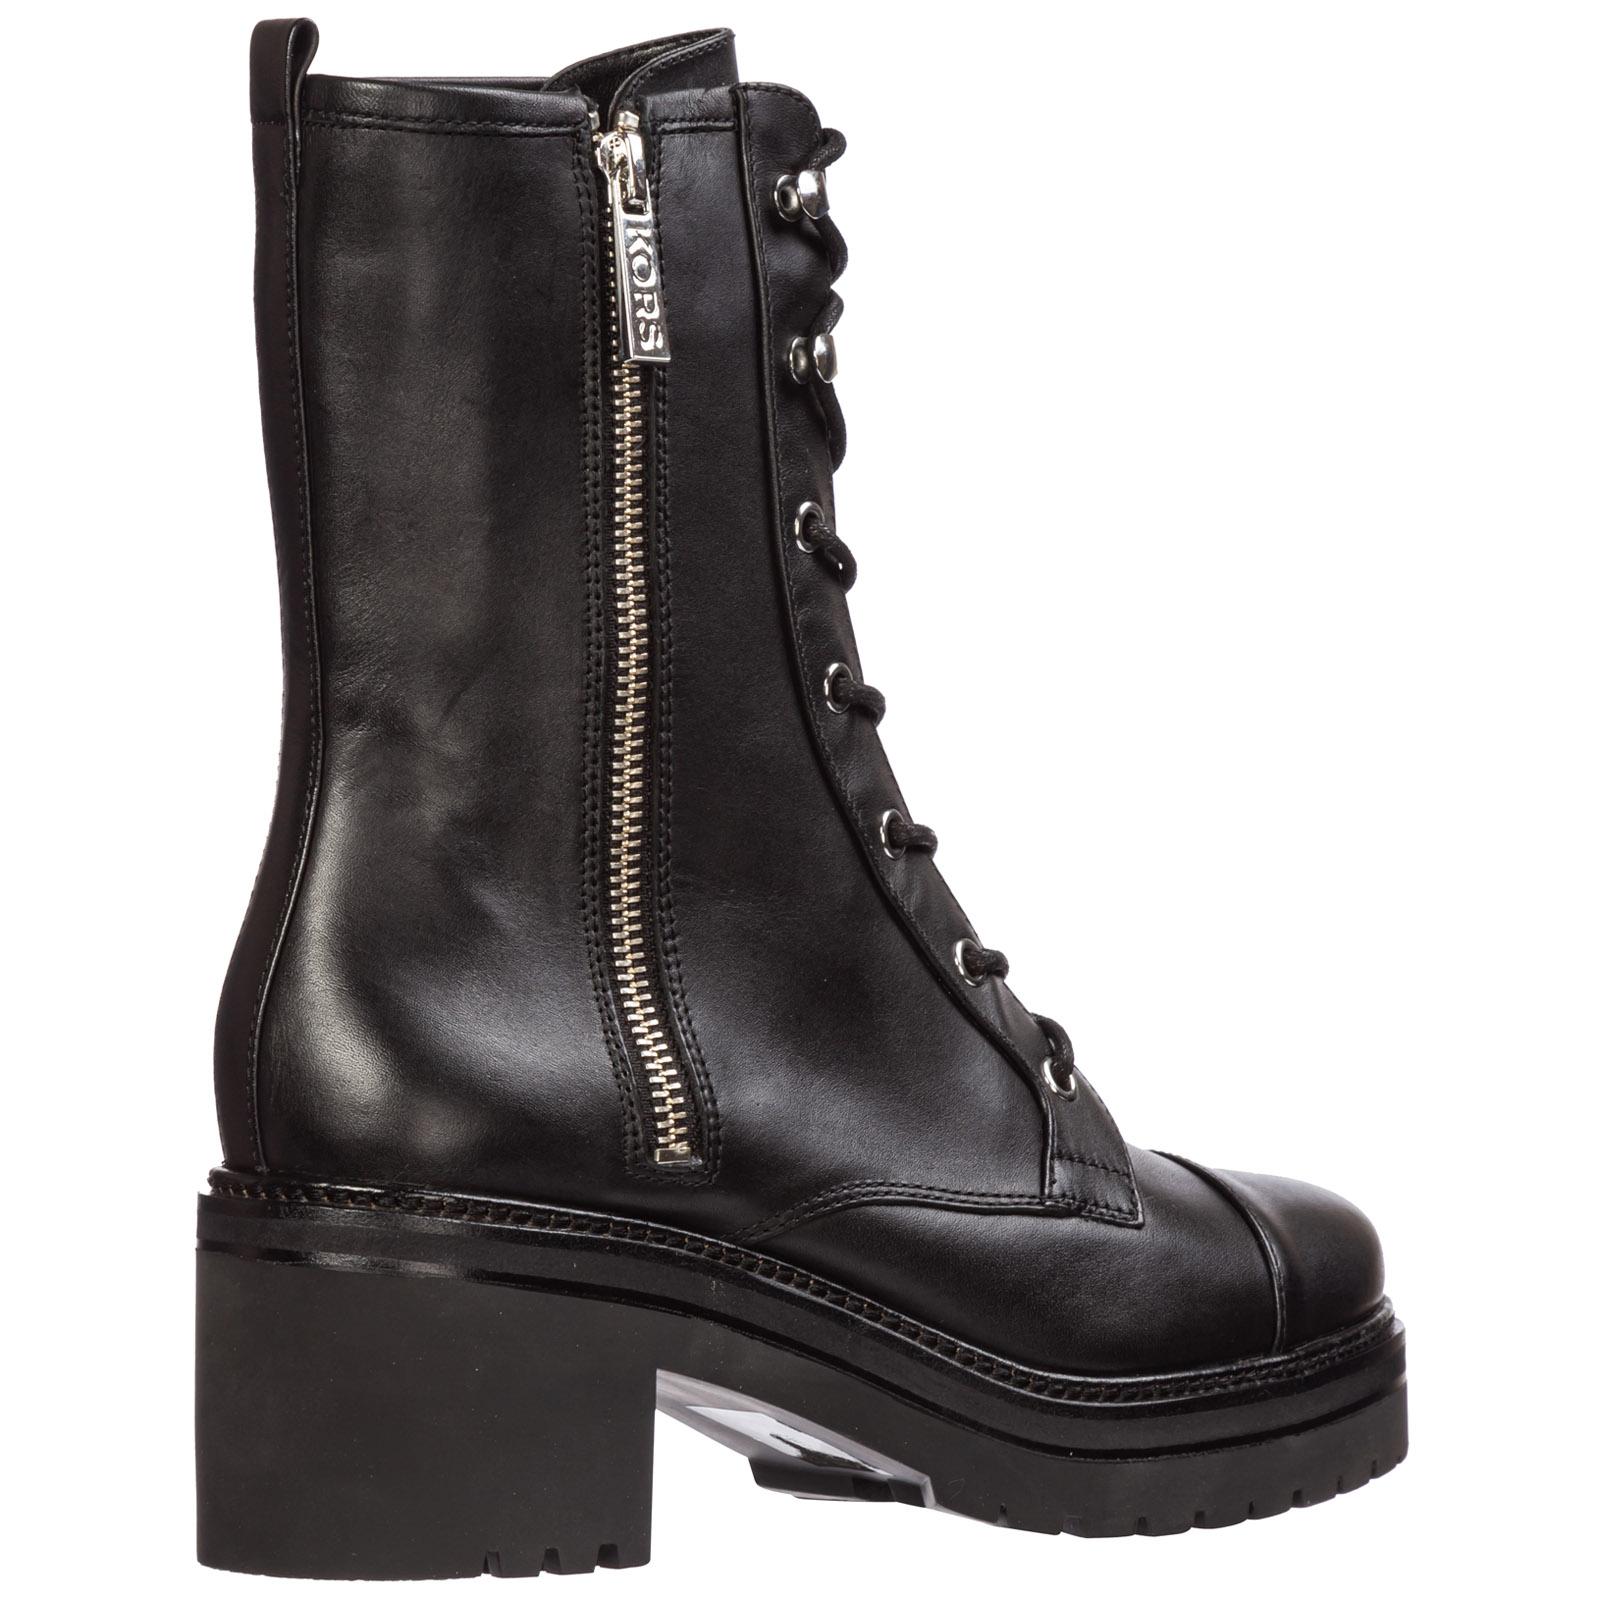 Anaka Leder Boots Stiefel Damen Stiefeletten Ankle TFK3Ju1c5l